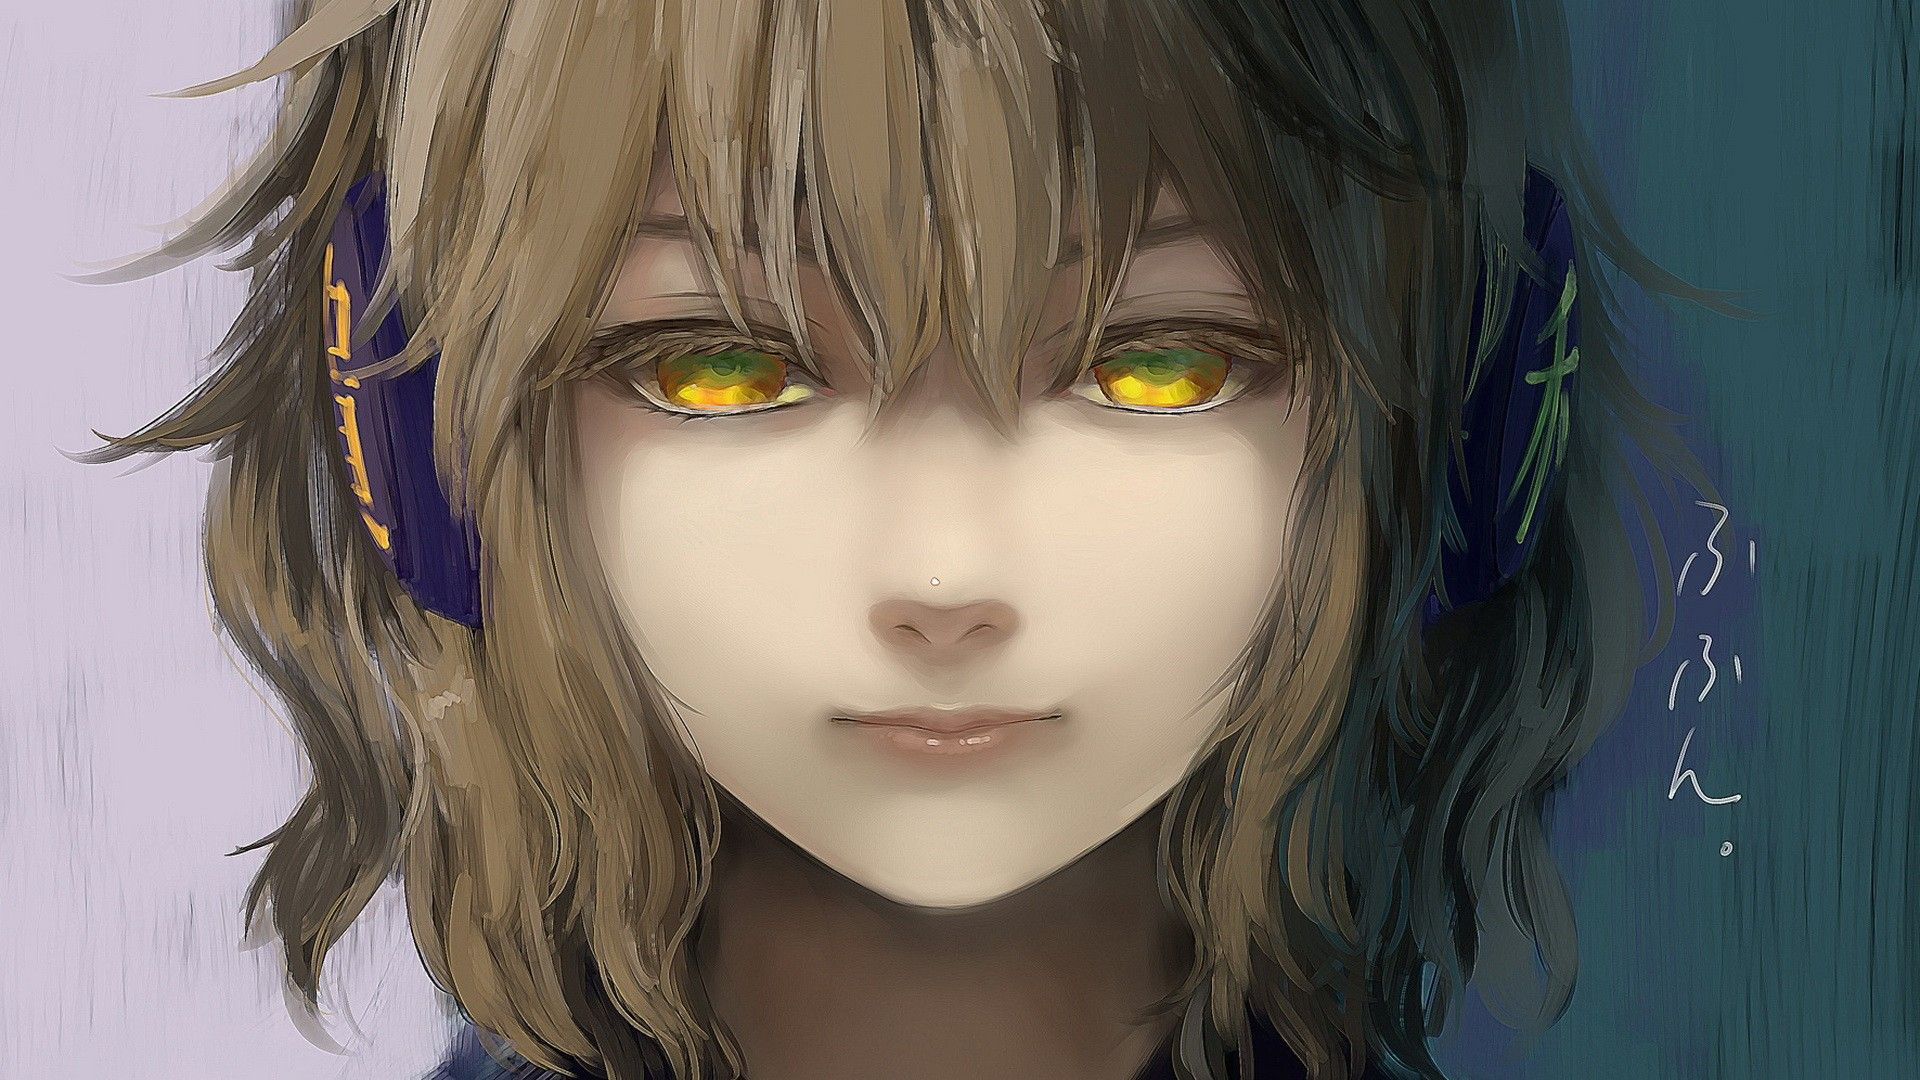 Toyosatomimi no miko touhou stuff pinterest yellow eyes and anime